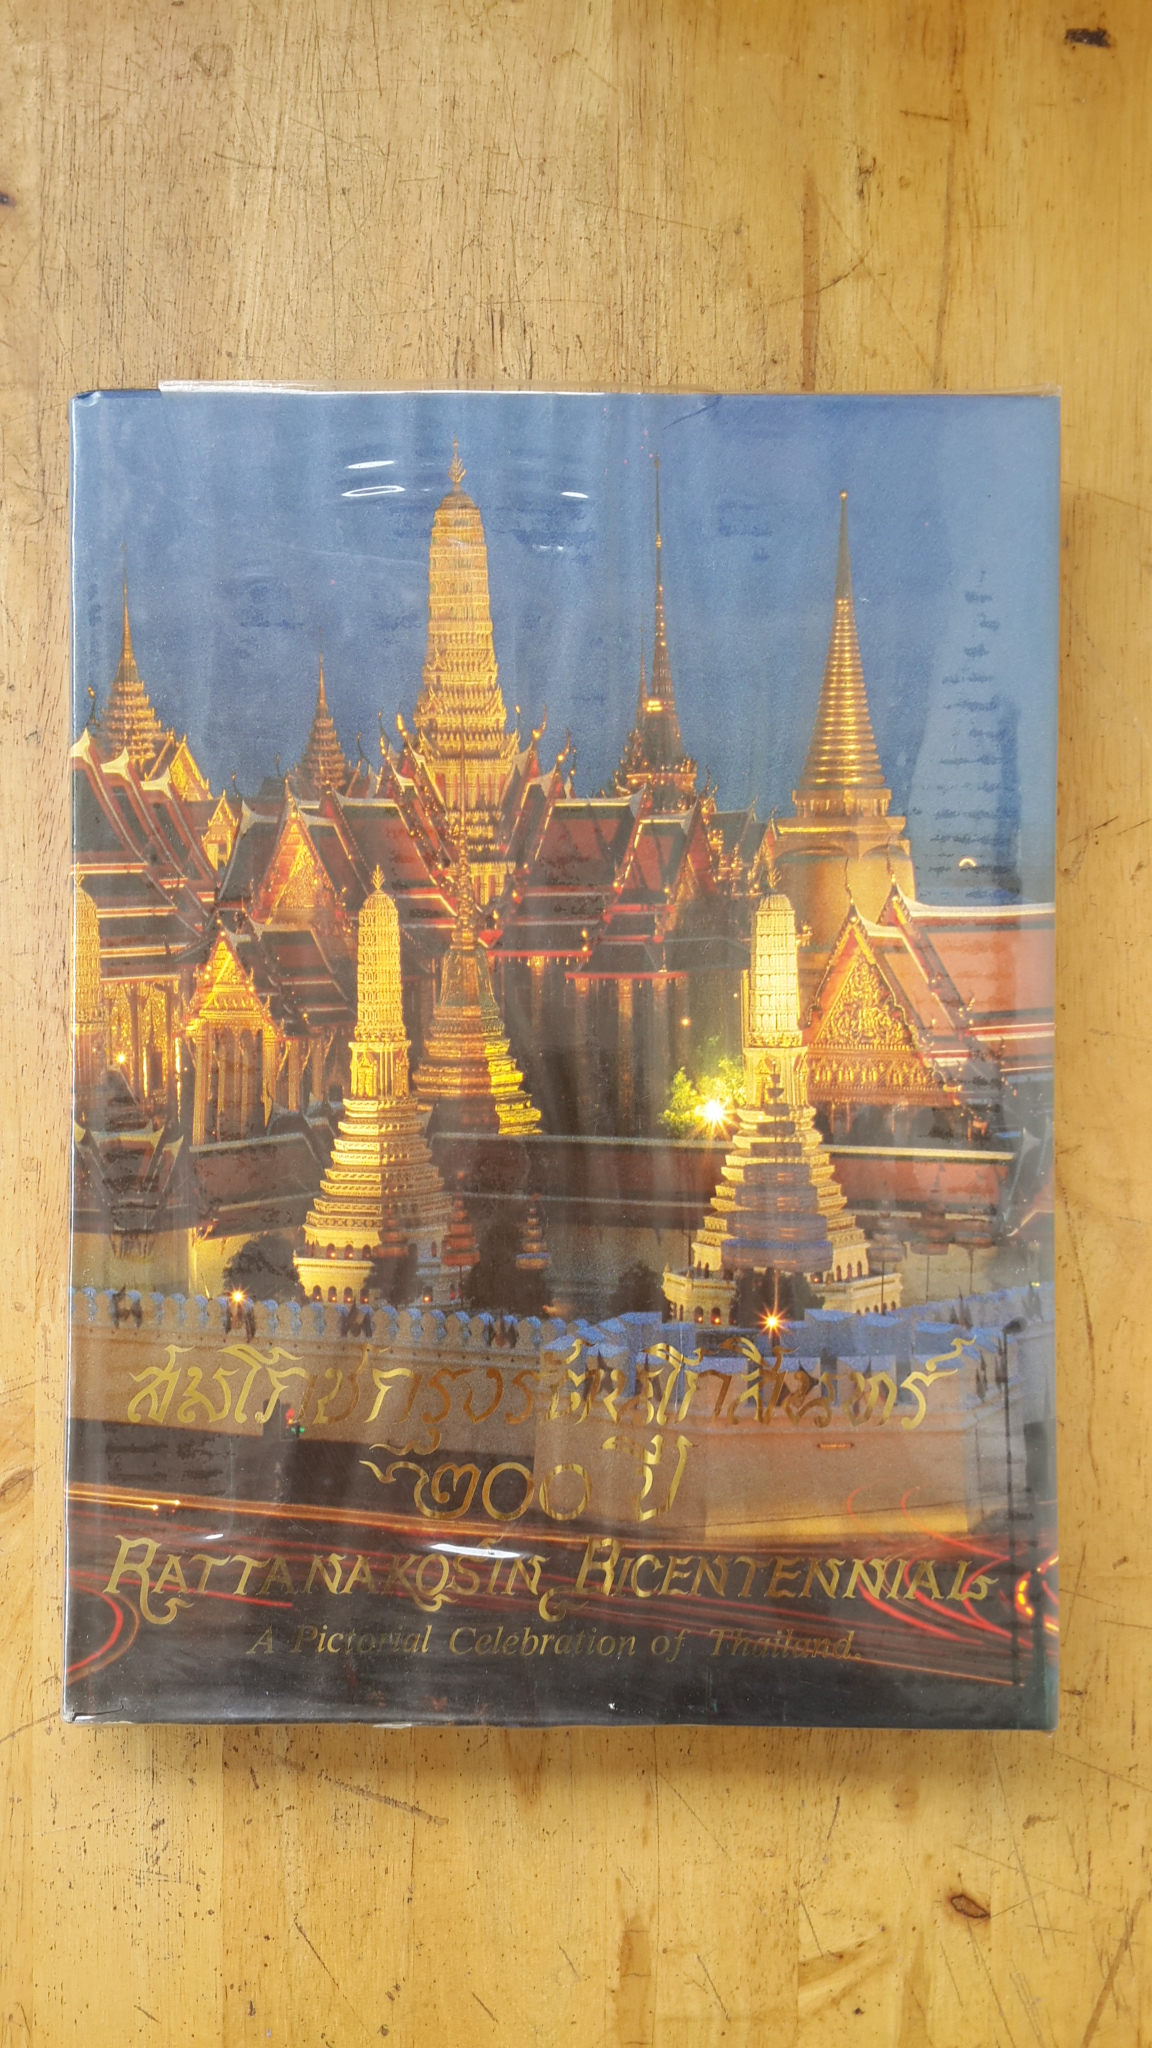 สมโภชกรุงรัตนโกสินทร์ 200 ปี (ฉบับการท่องเที่ยวแห่งประเทศไทย)